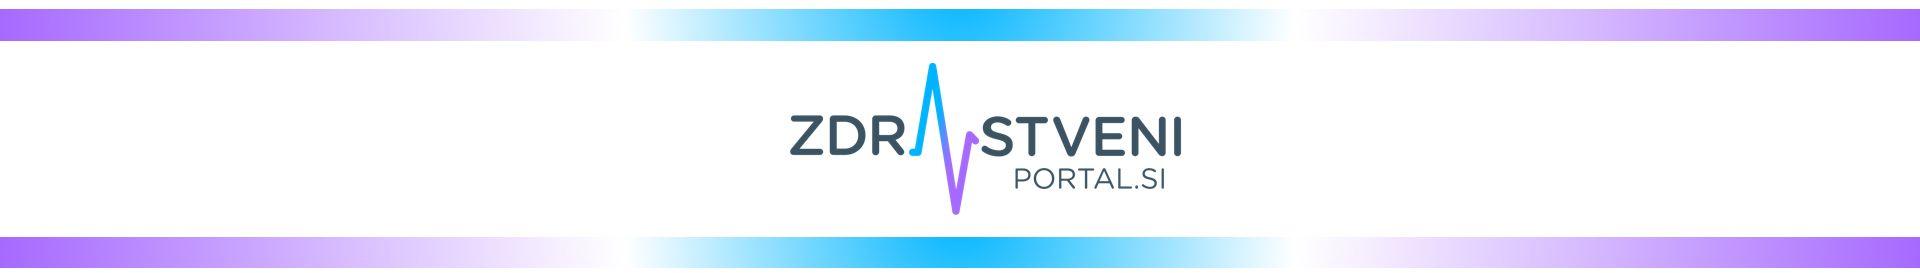 Zdravstveniportal.si